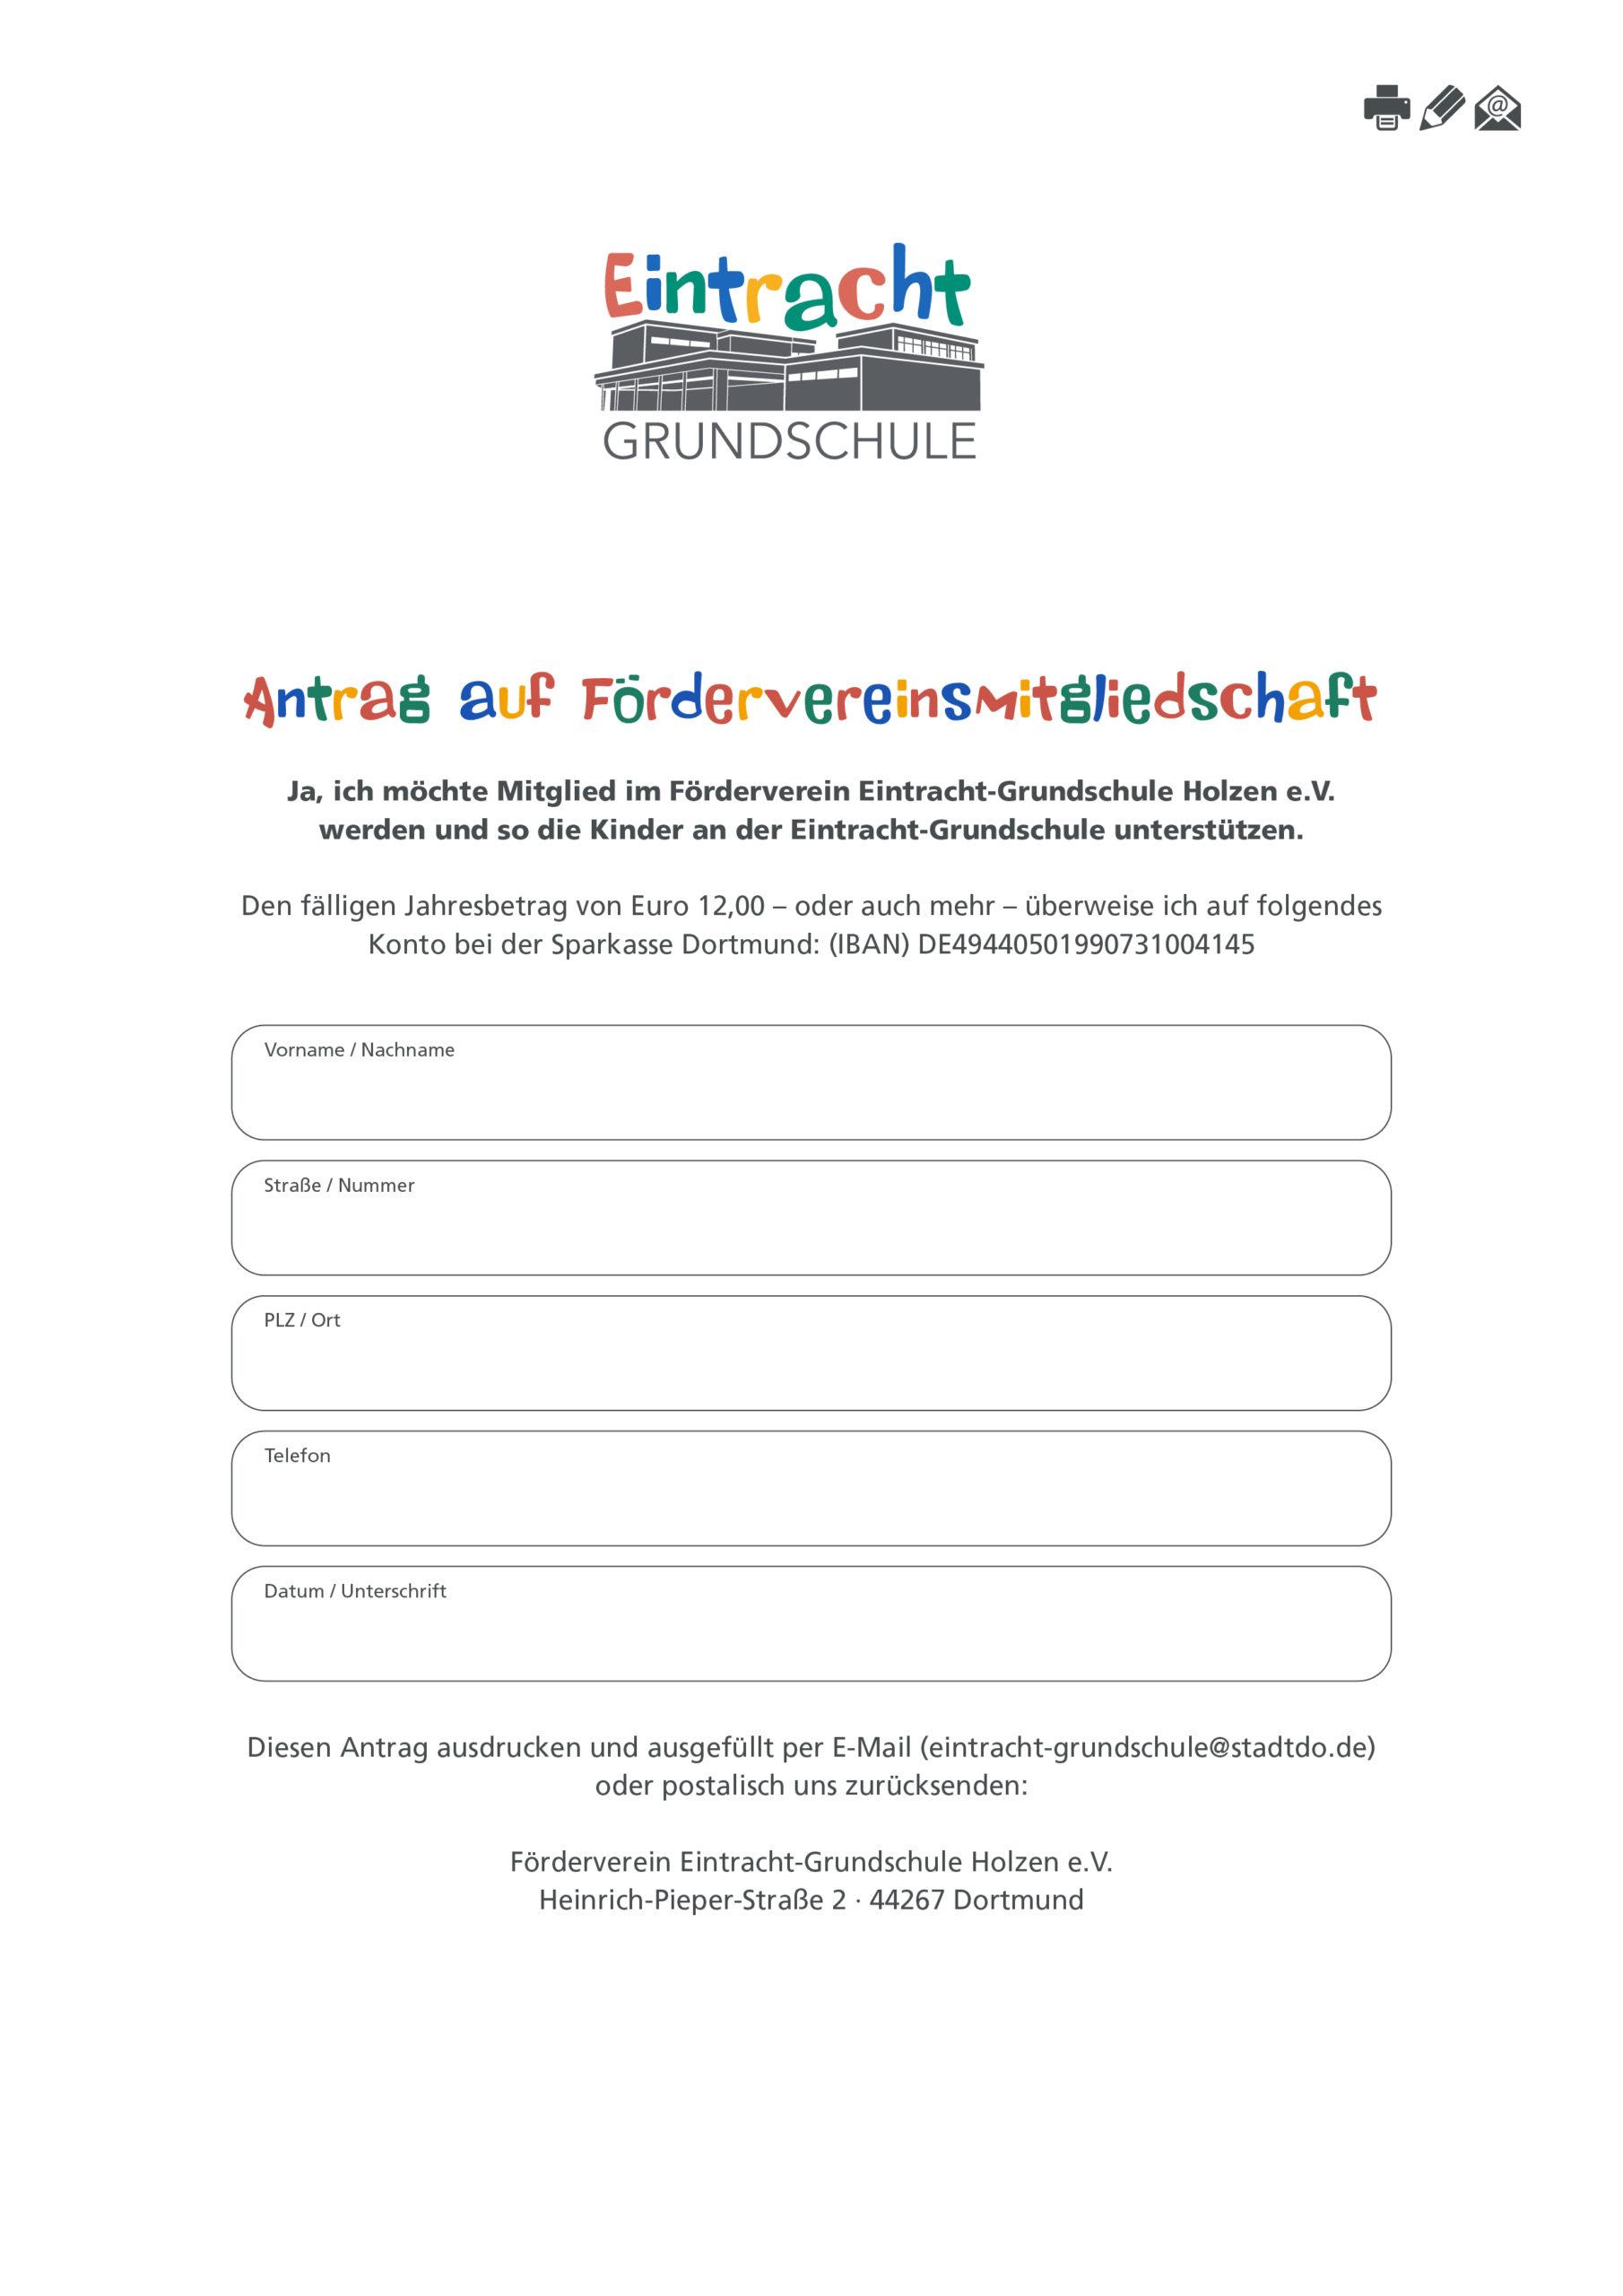 Antrag auf Mitgliedschaft im Förderverein Eintracht-Grundschule Holzen e.V.